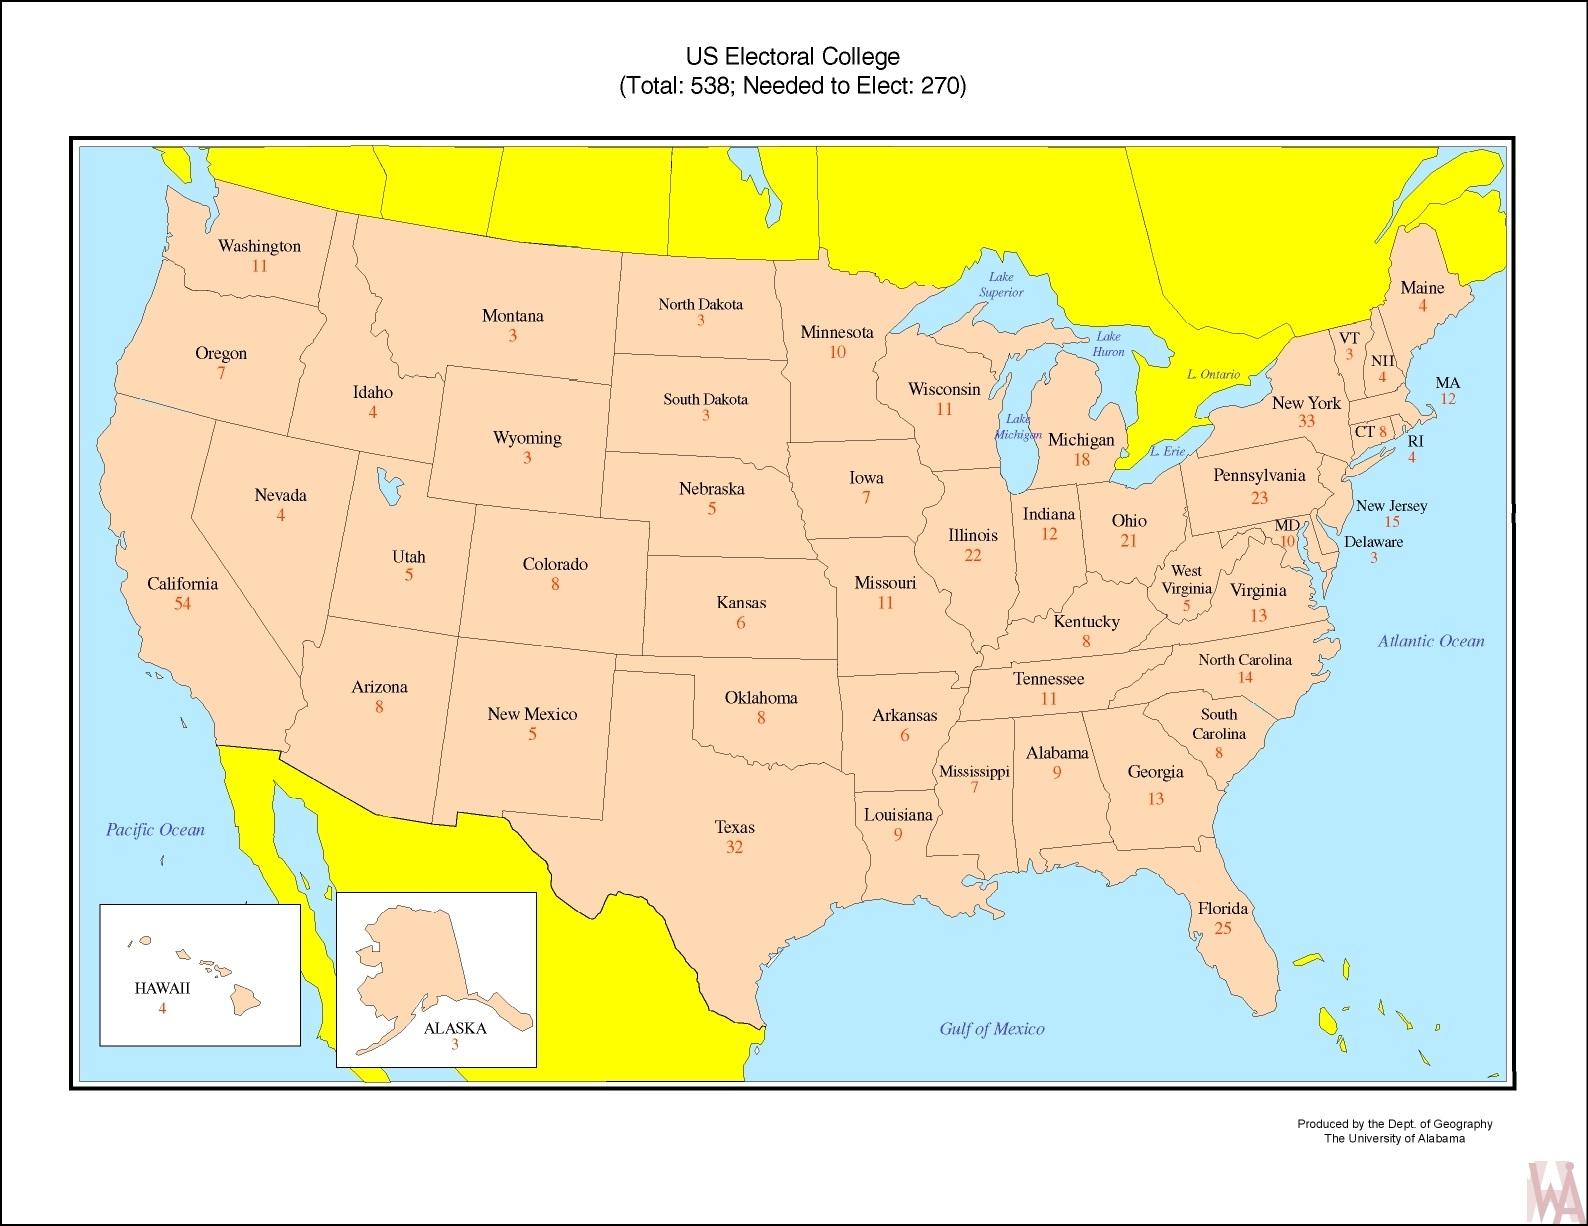 US electoral College votes